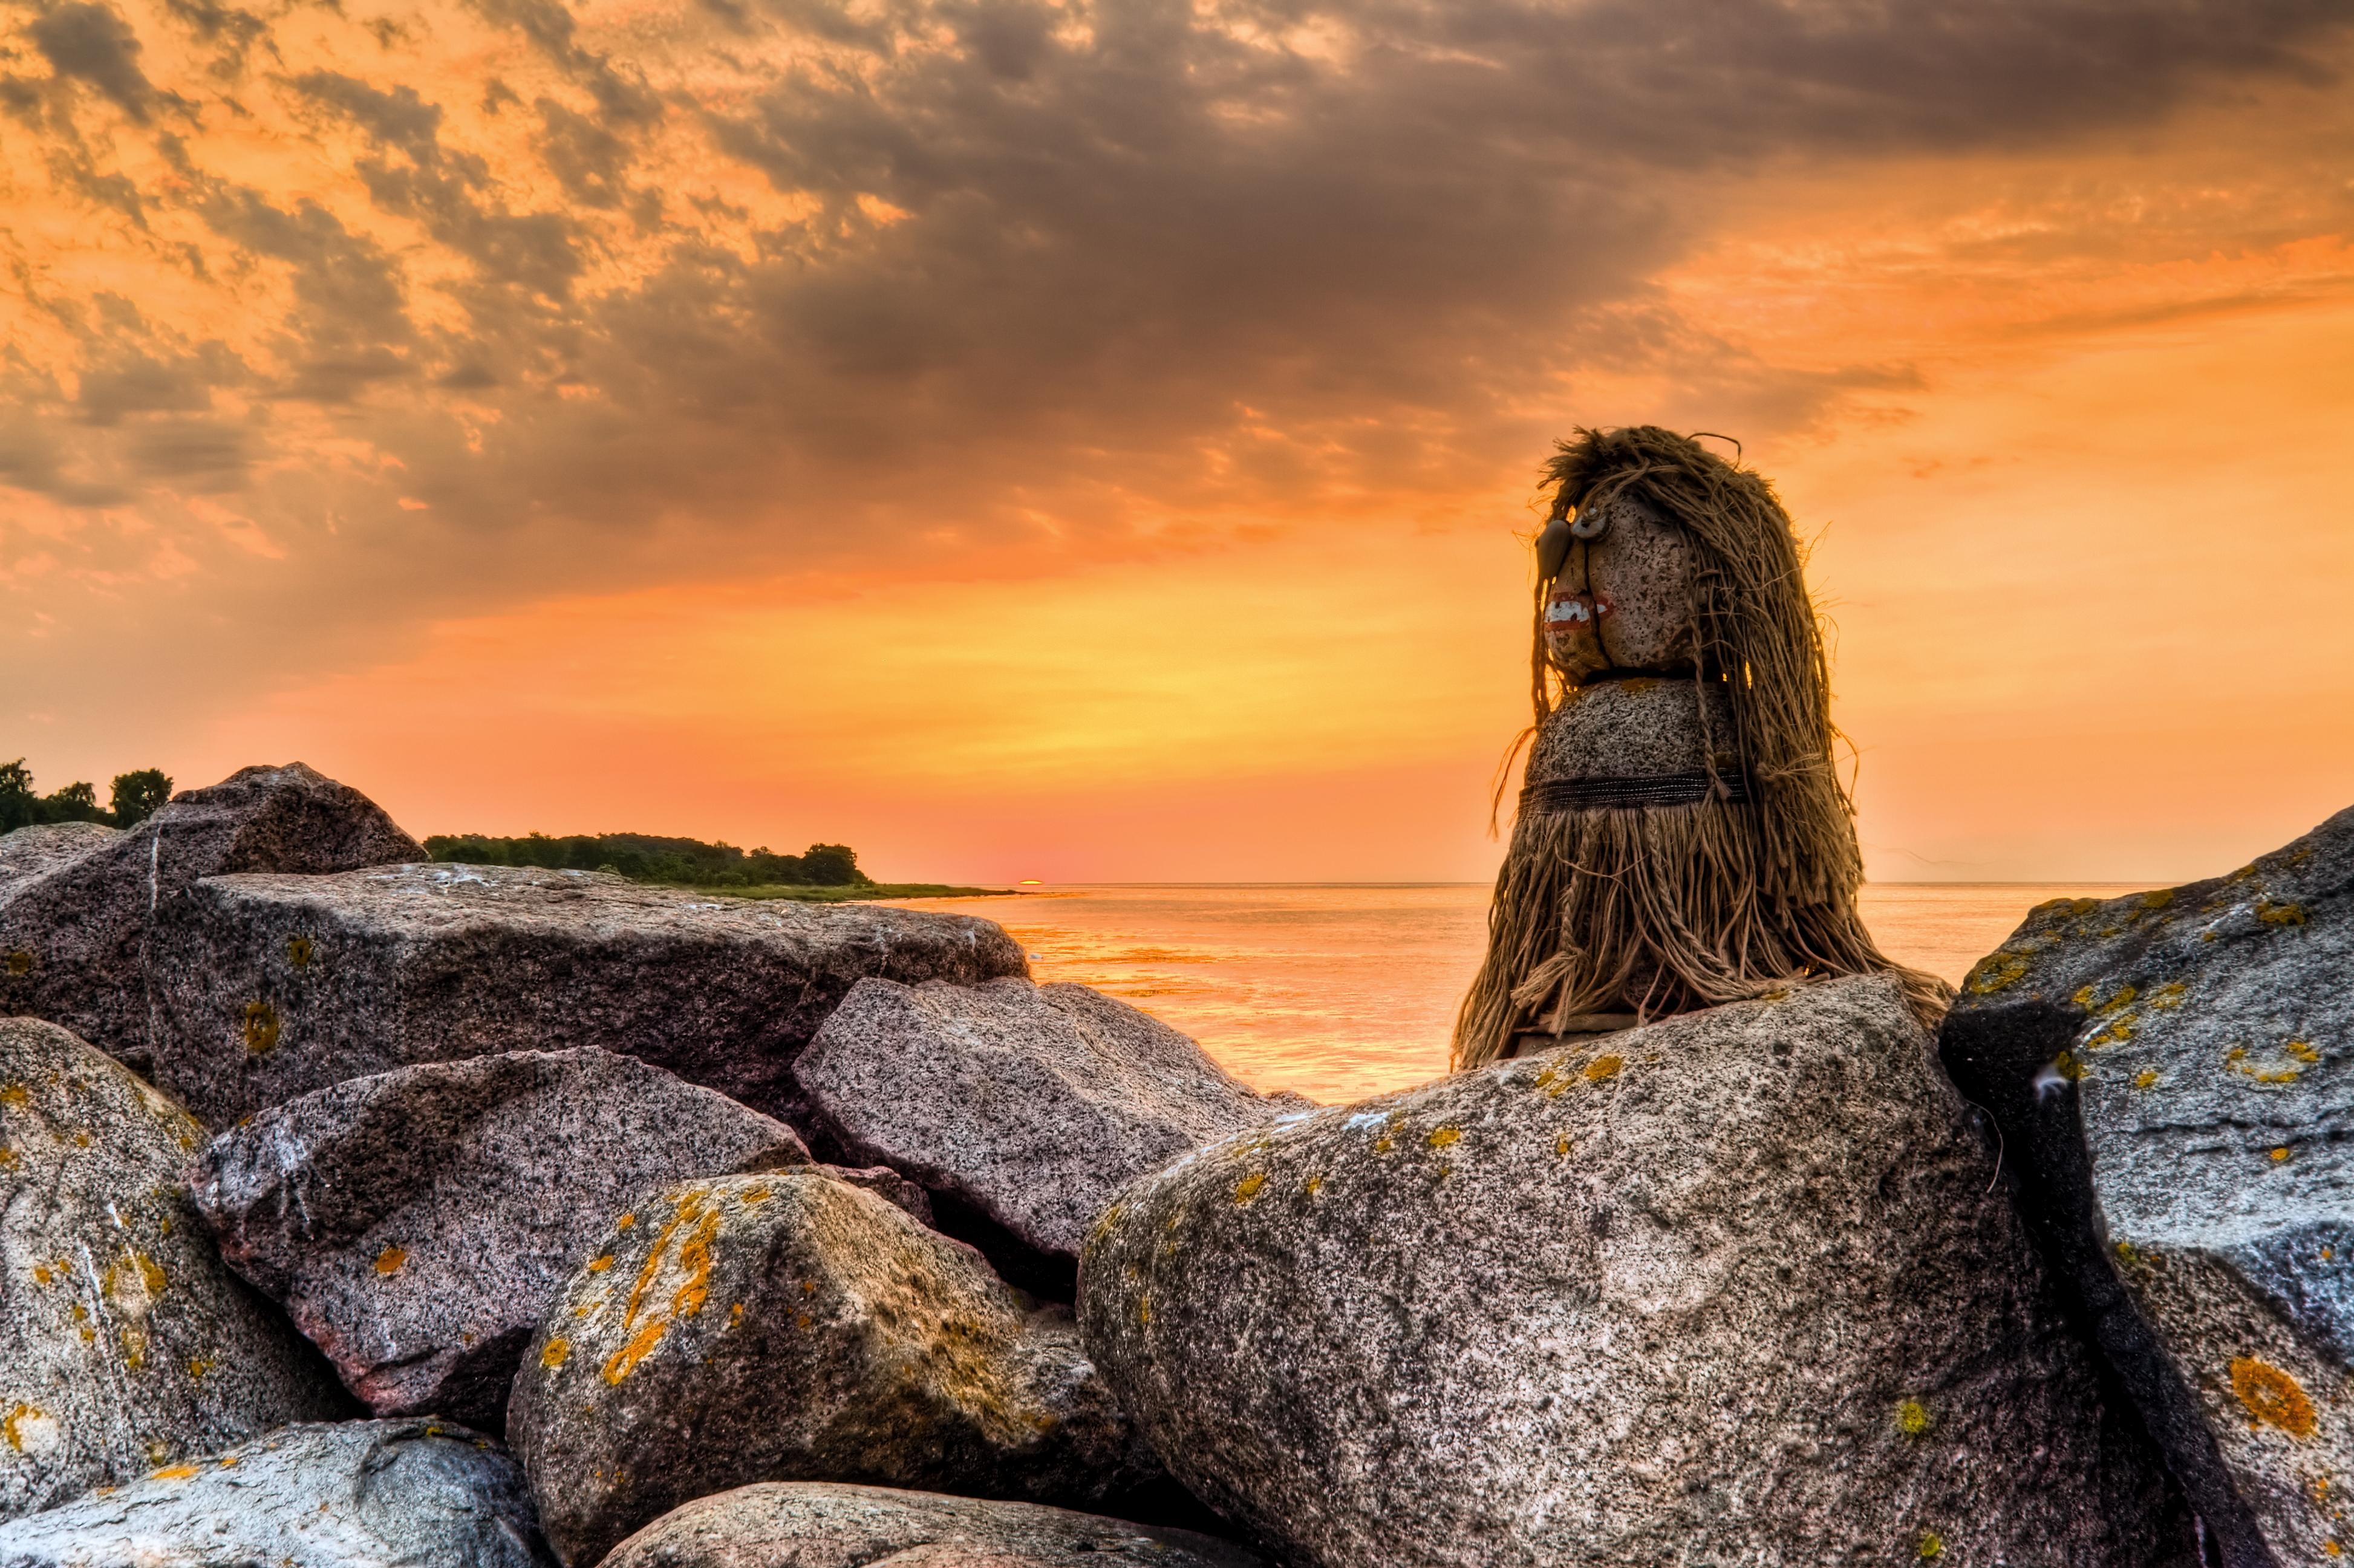 """Måske i familie med Krølle-Bølle. Krølle-Bølle er en troldedreng, der holder til på det nordlige Bornholm. Ludvig Mahler opfandt trolden for sin søn under 2. verdenskrig.  Krølle-Bølle bor i Langebjerg på Nordbornholm sammen med sin familie, der styres af faderen, Bobbarækus Filiækus. Det vides at han har en søster ved navn Krølle-Borra. Krølle-Bølle er ofte ude på narrestreger, og som så mange andre børn forstår han ikke altid konsekvenserne af sine handlinger.  Det er uvist om familien """"i virkeligheden"""" tilhører De Underjordiske og ikke reelt er trolde. Muligvis er historierne digtet på baggrund af overtroen på Bornholm om De Underjordiske.  Krølle-Bølle har som merchandise haft succes i mange år i turistbranchen, og er ofte noget af det første folk husker tilbage på hvis de har holdt ferie på Bornholm som børn. På Bornholm ses antagelig lige så mange postkort med Krølle-Bølle eller familie, som der i København ses postkort med Den Lille Havfrue. Kilde: da.wikipedia.org/wiki/Kr%c3%b8lle-B%c3%b8lle  View my most interesting photos on Flickriver www.flickriver.com/photos/sltr/popular-interesting/  © All rights reserved René Eriksen Contact: reeri@rocketmail.com"""